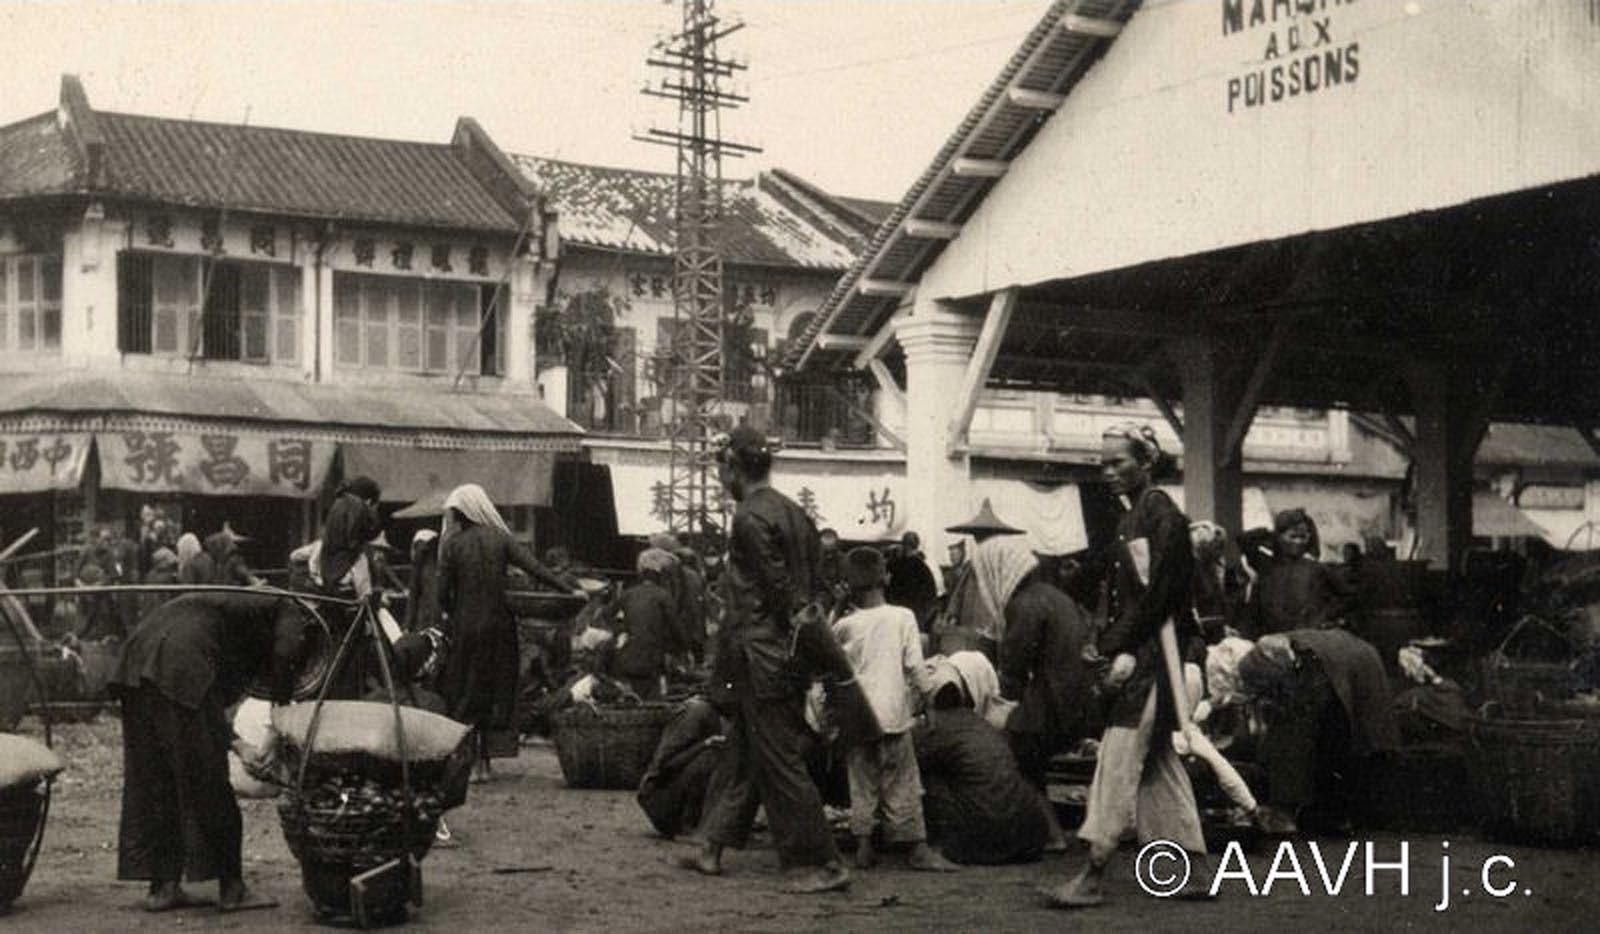 Chợ Lớn năm 1925 qua loạt ảnh của người Pháp